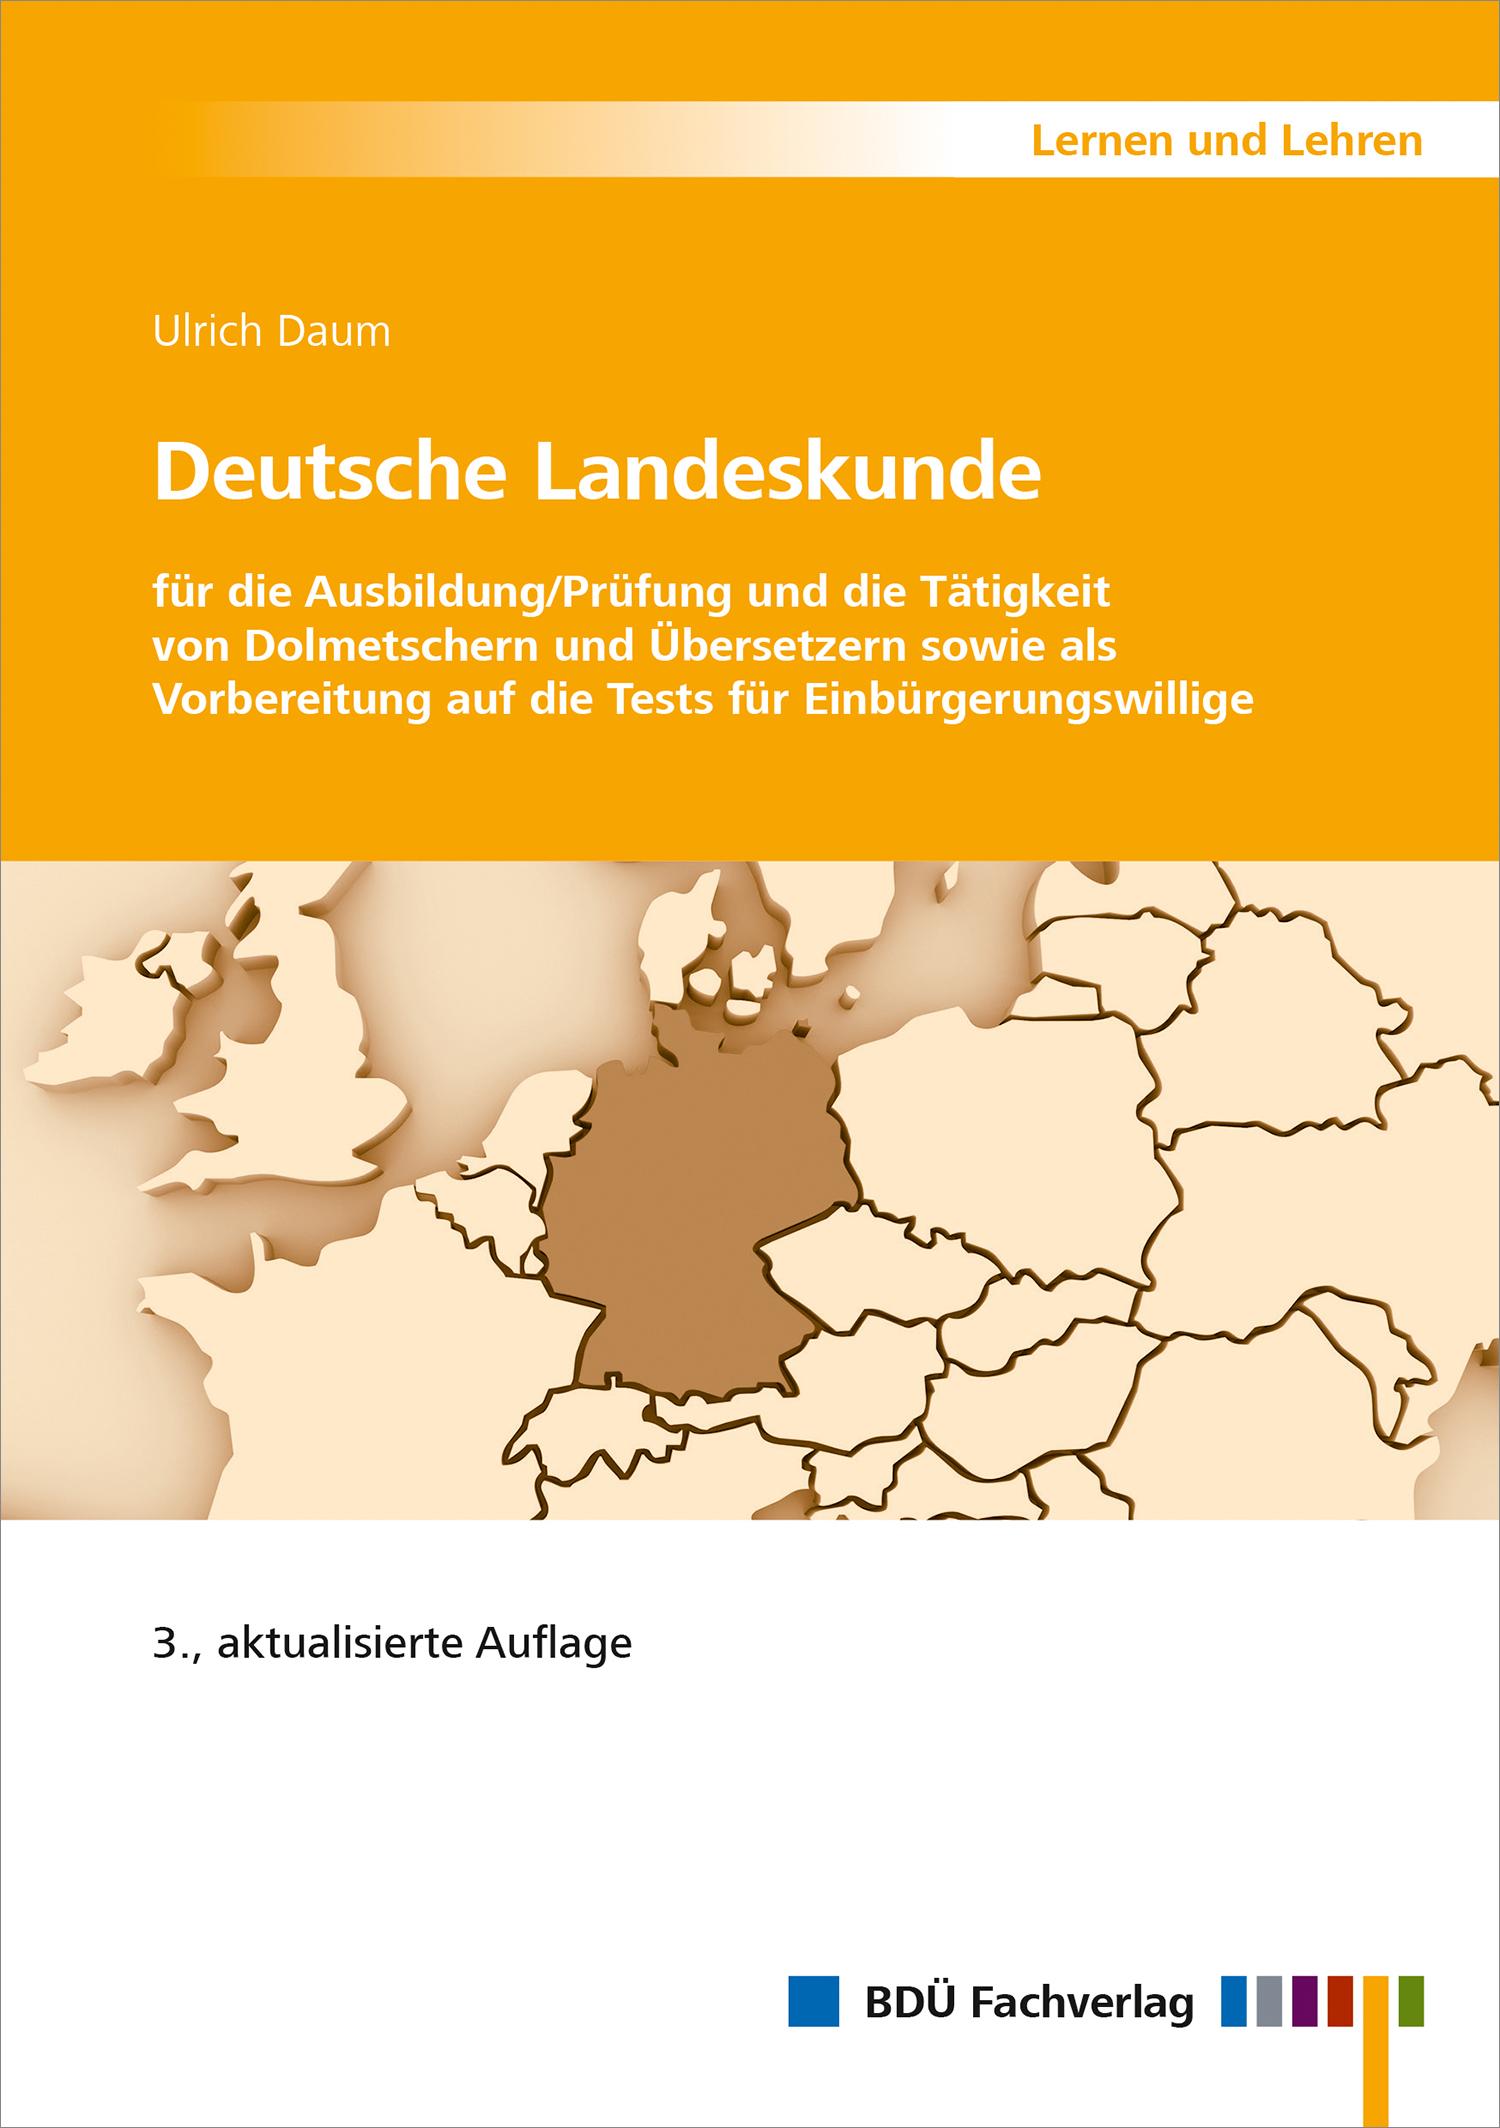 BDÜ Weiterbildungs- und Fachverlagsgesellschaft mbH